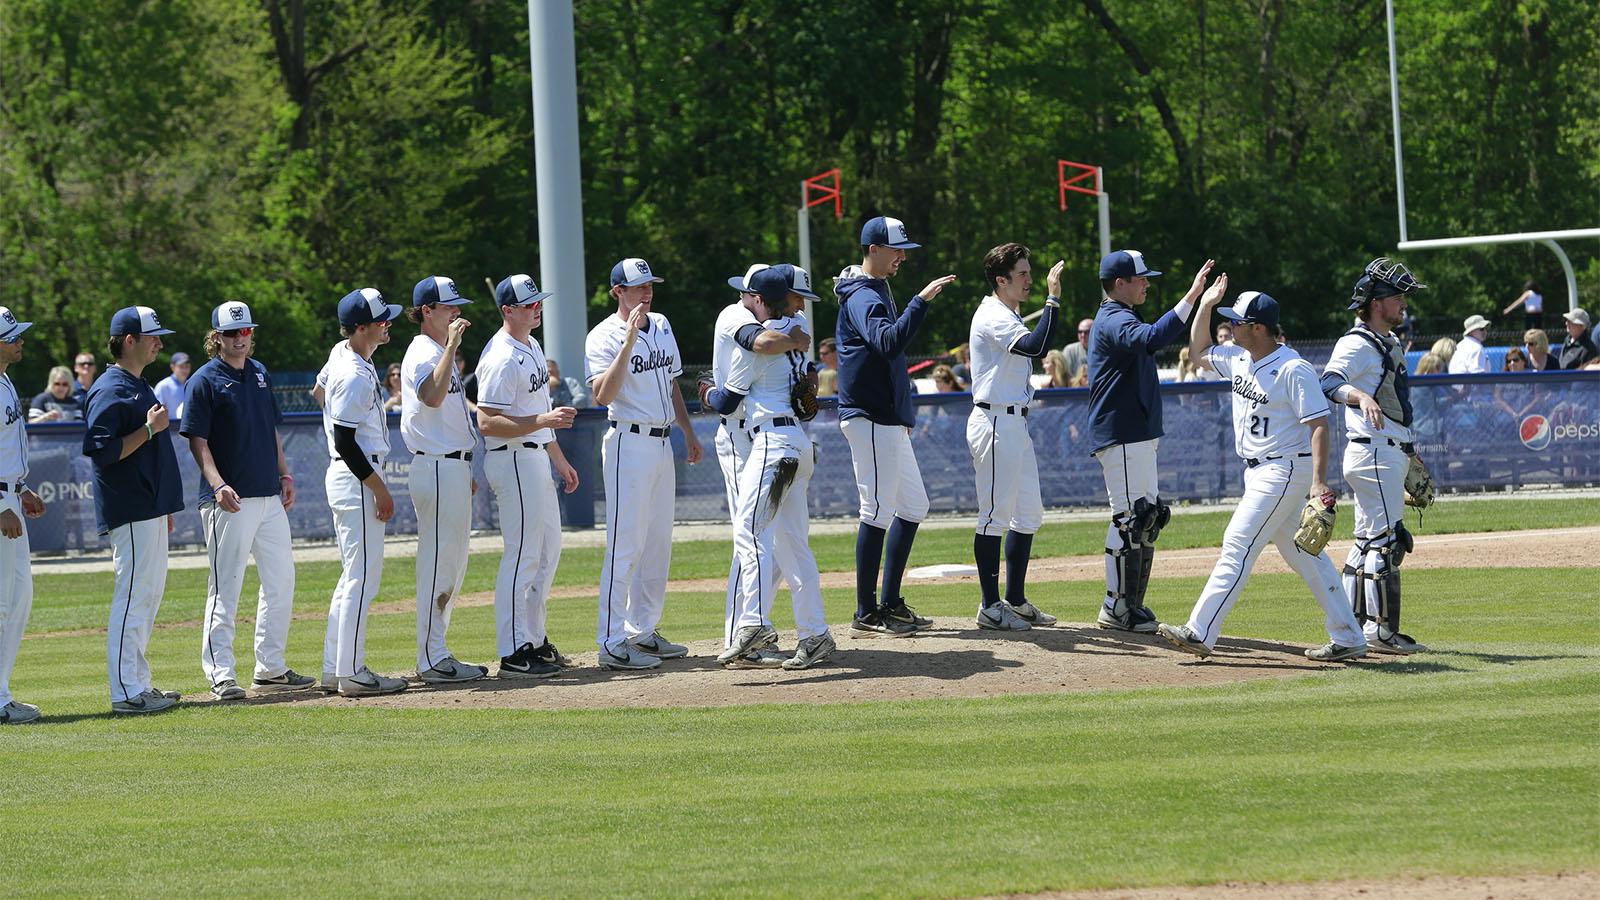 CANCELED - Baseball vs Seton Hall